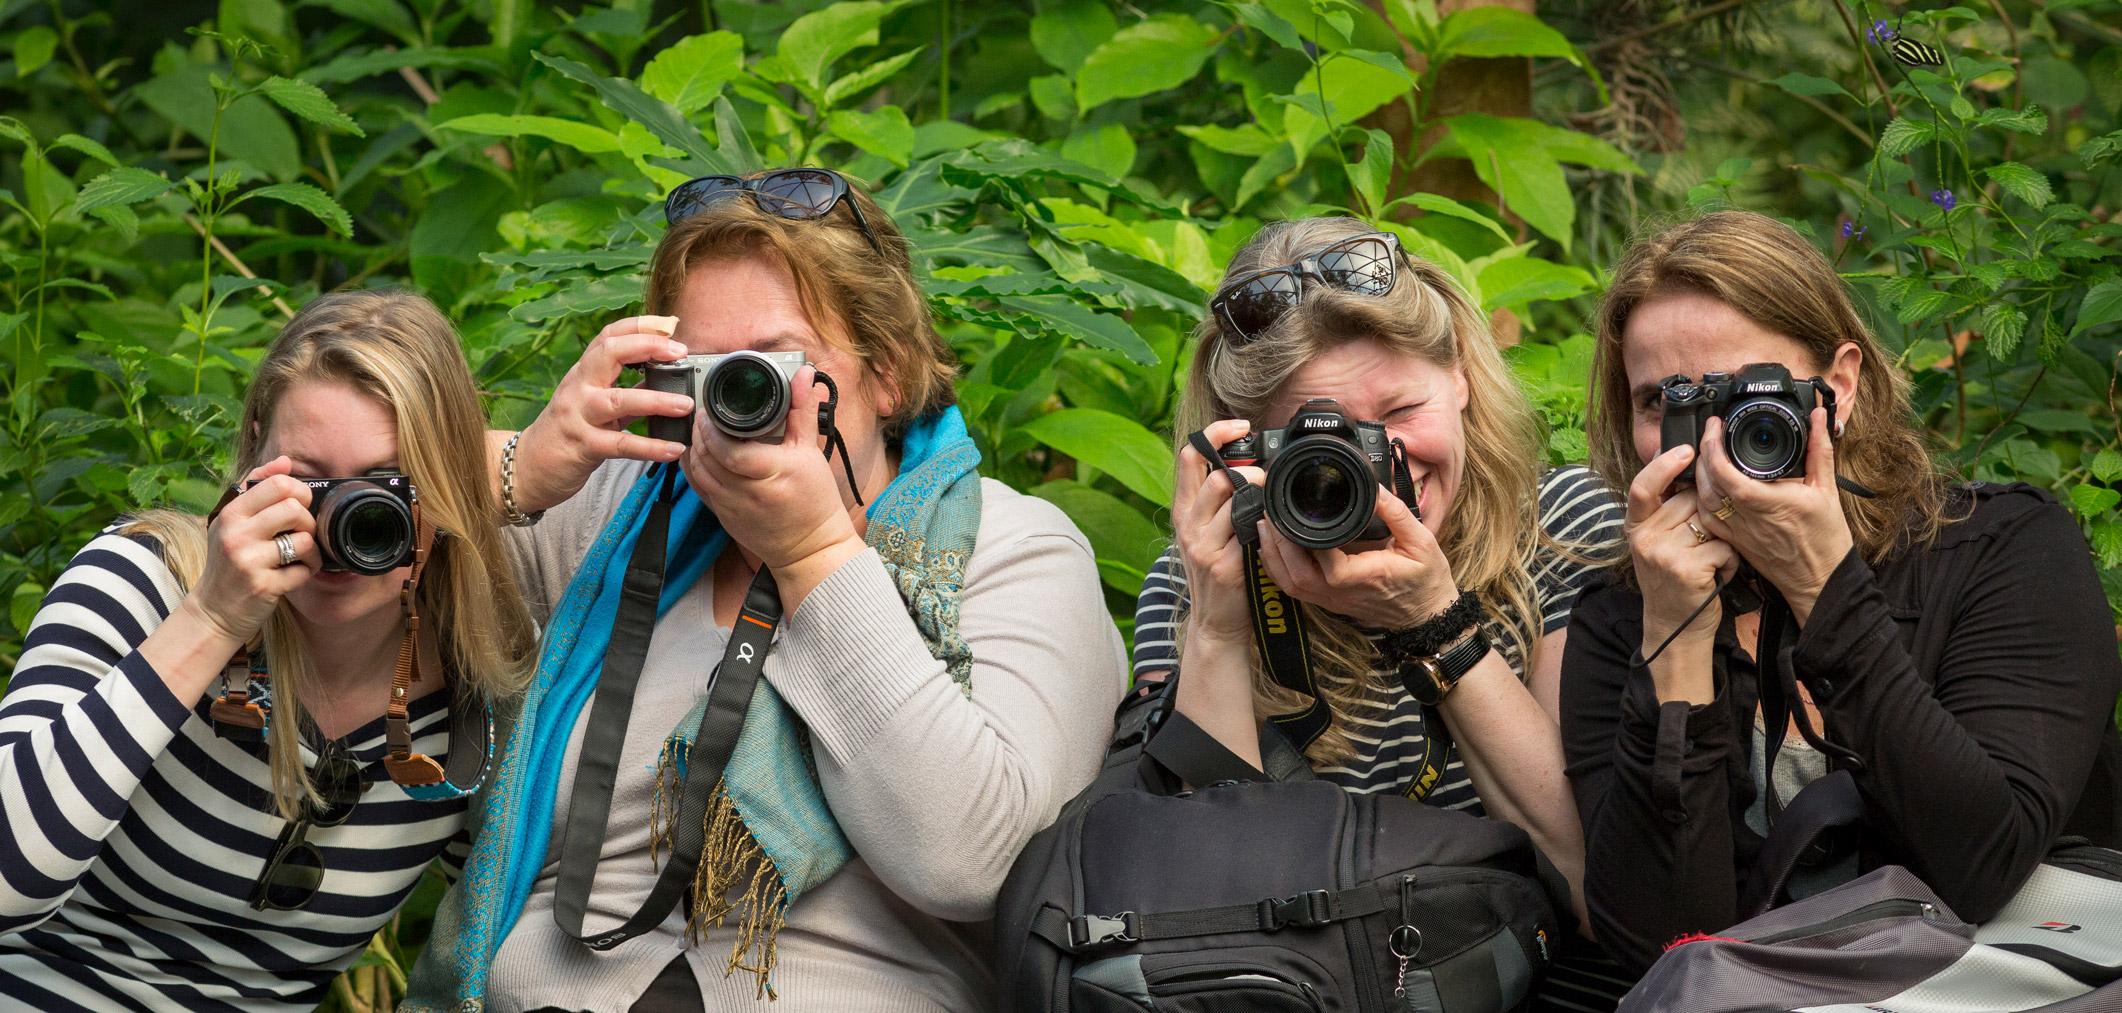 fotocursus Rotterdam